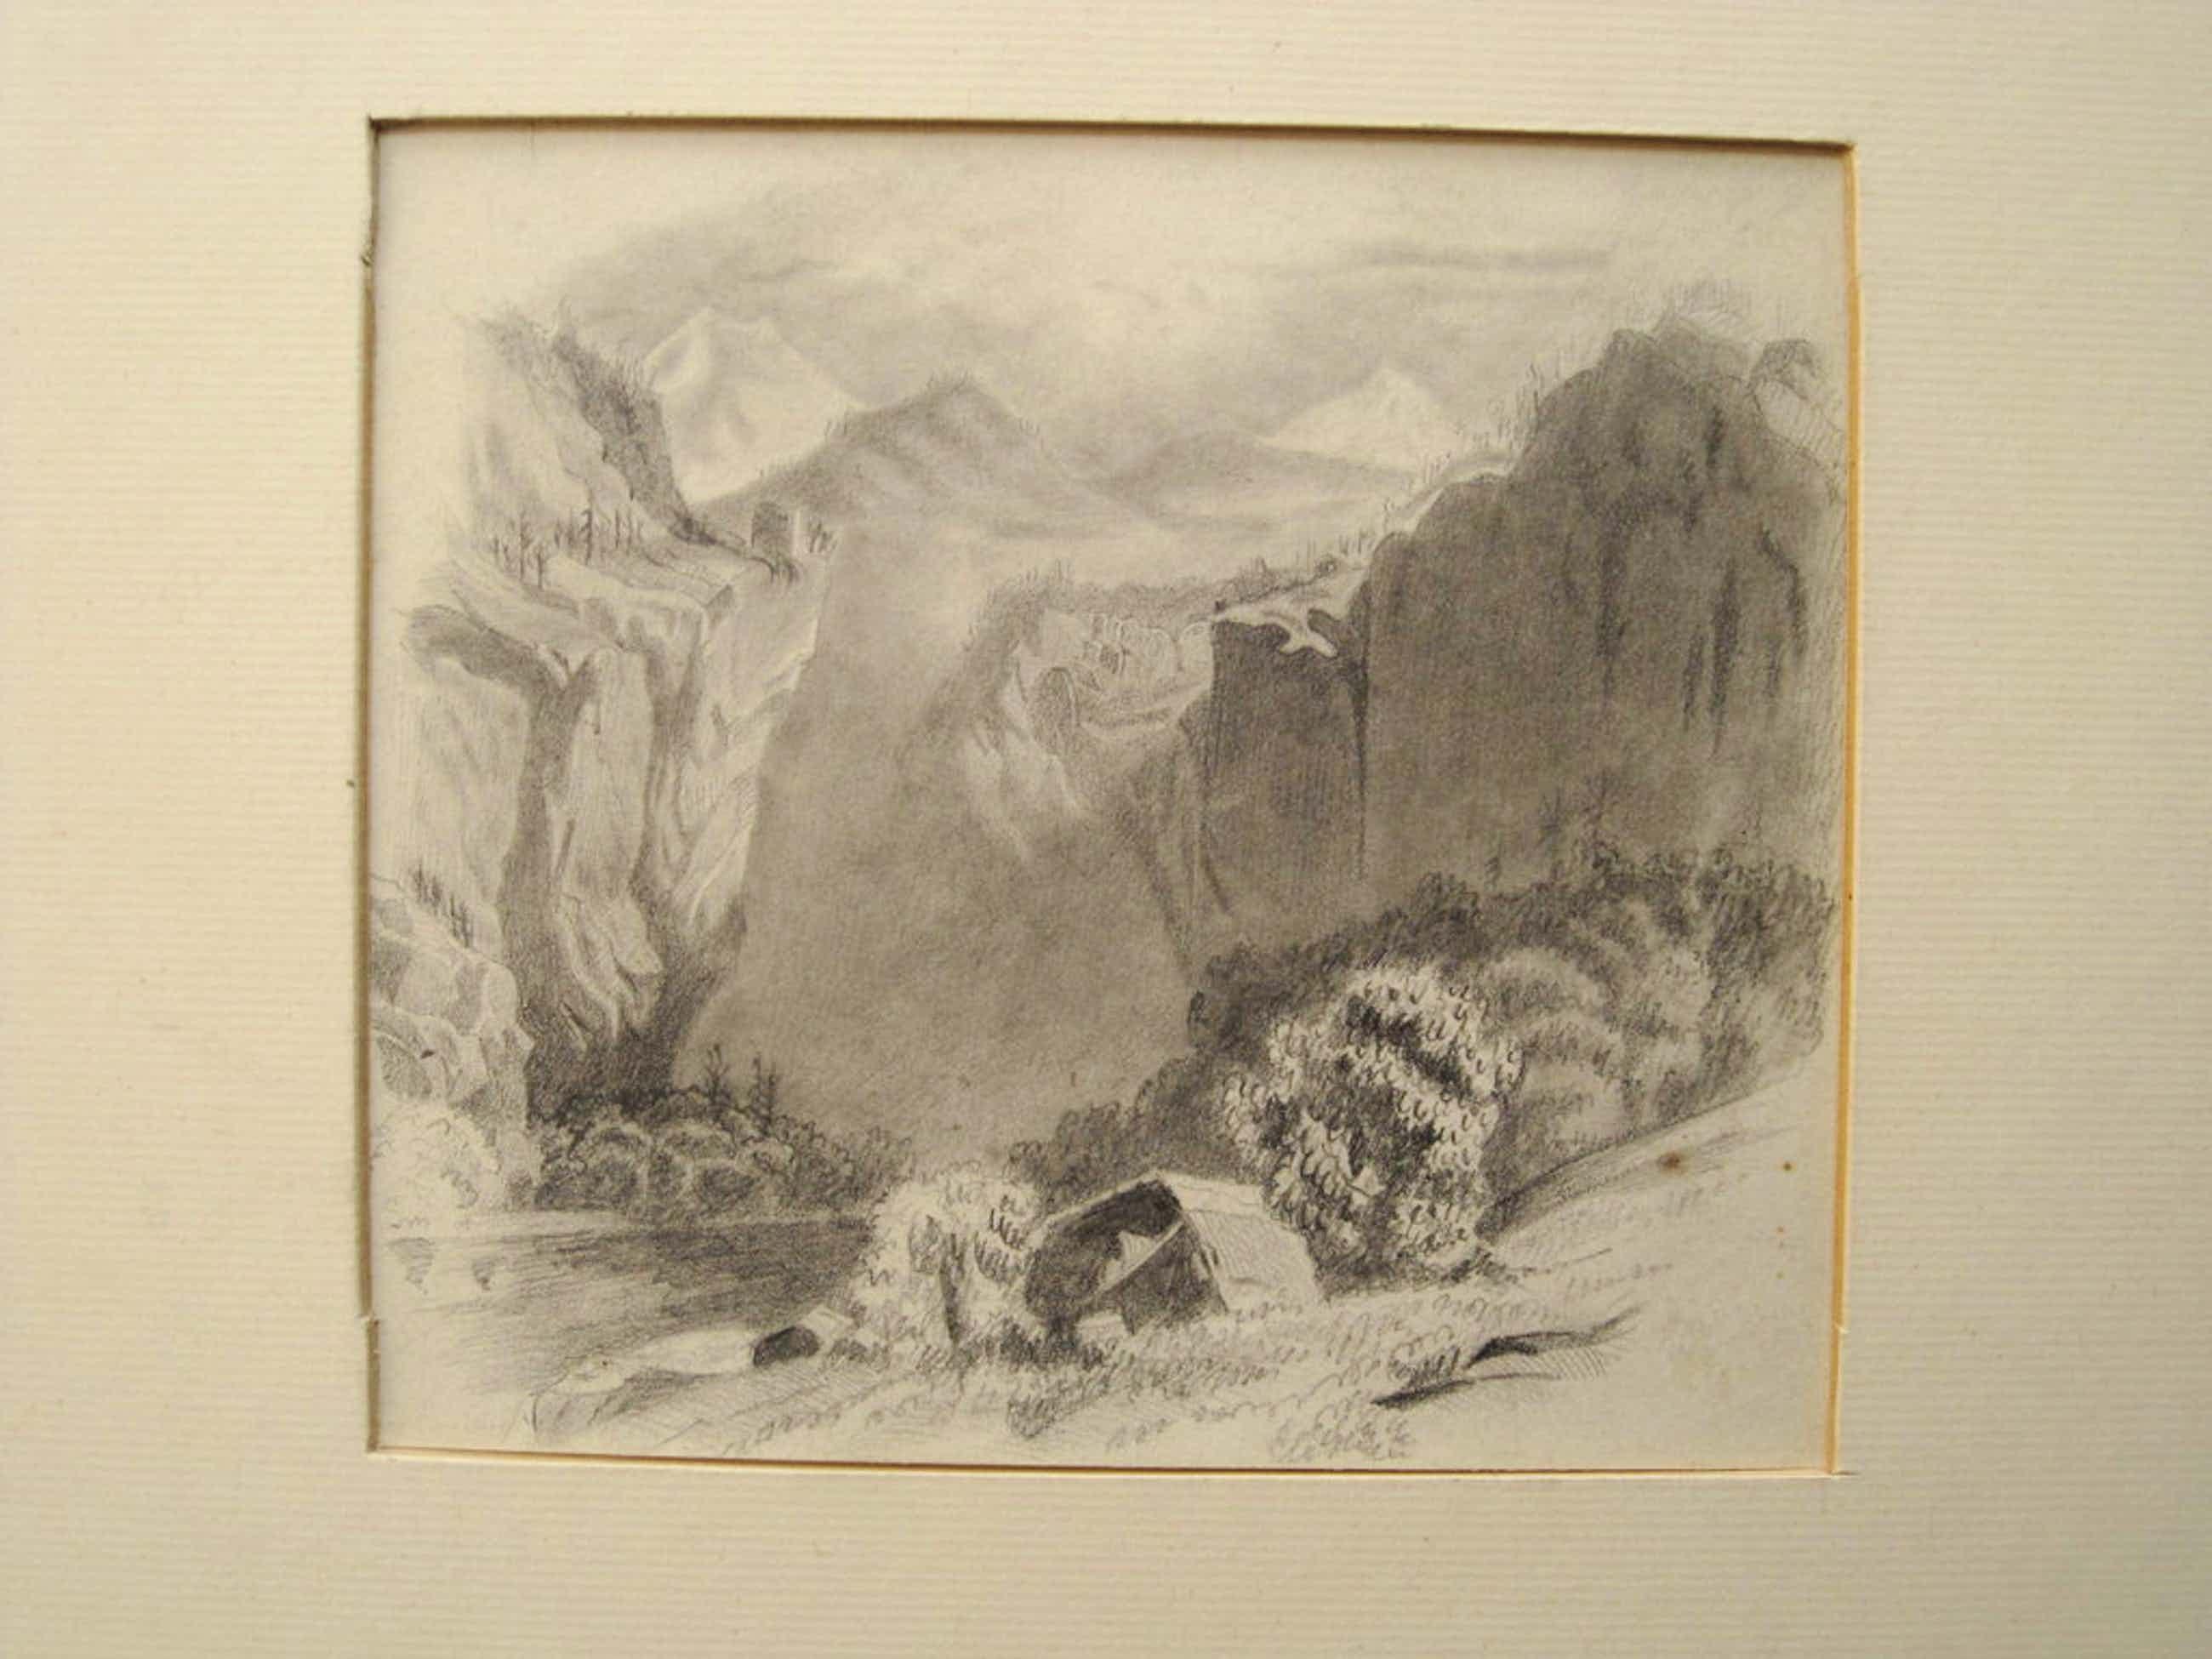 H.W Mesdag 1831-1915 - potloodtekening - Berglandschap - gesigneerd ca. 1880 kopen? Bied vanaf 80!